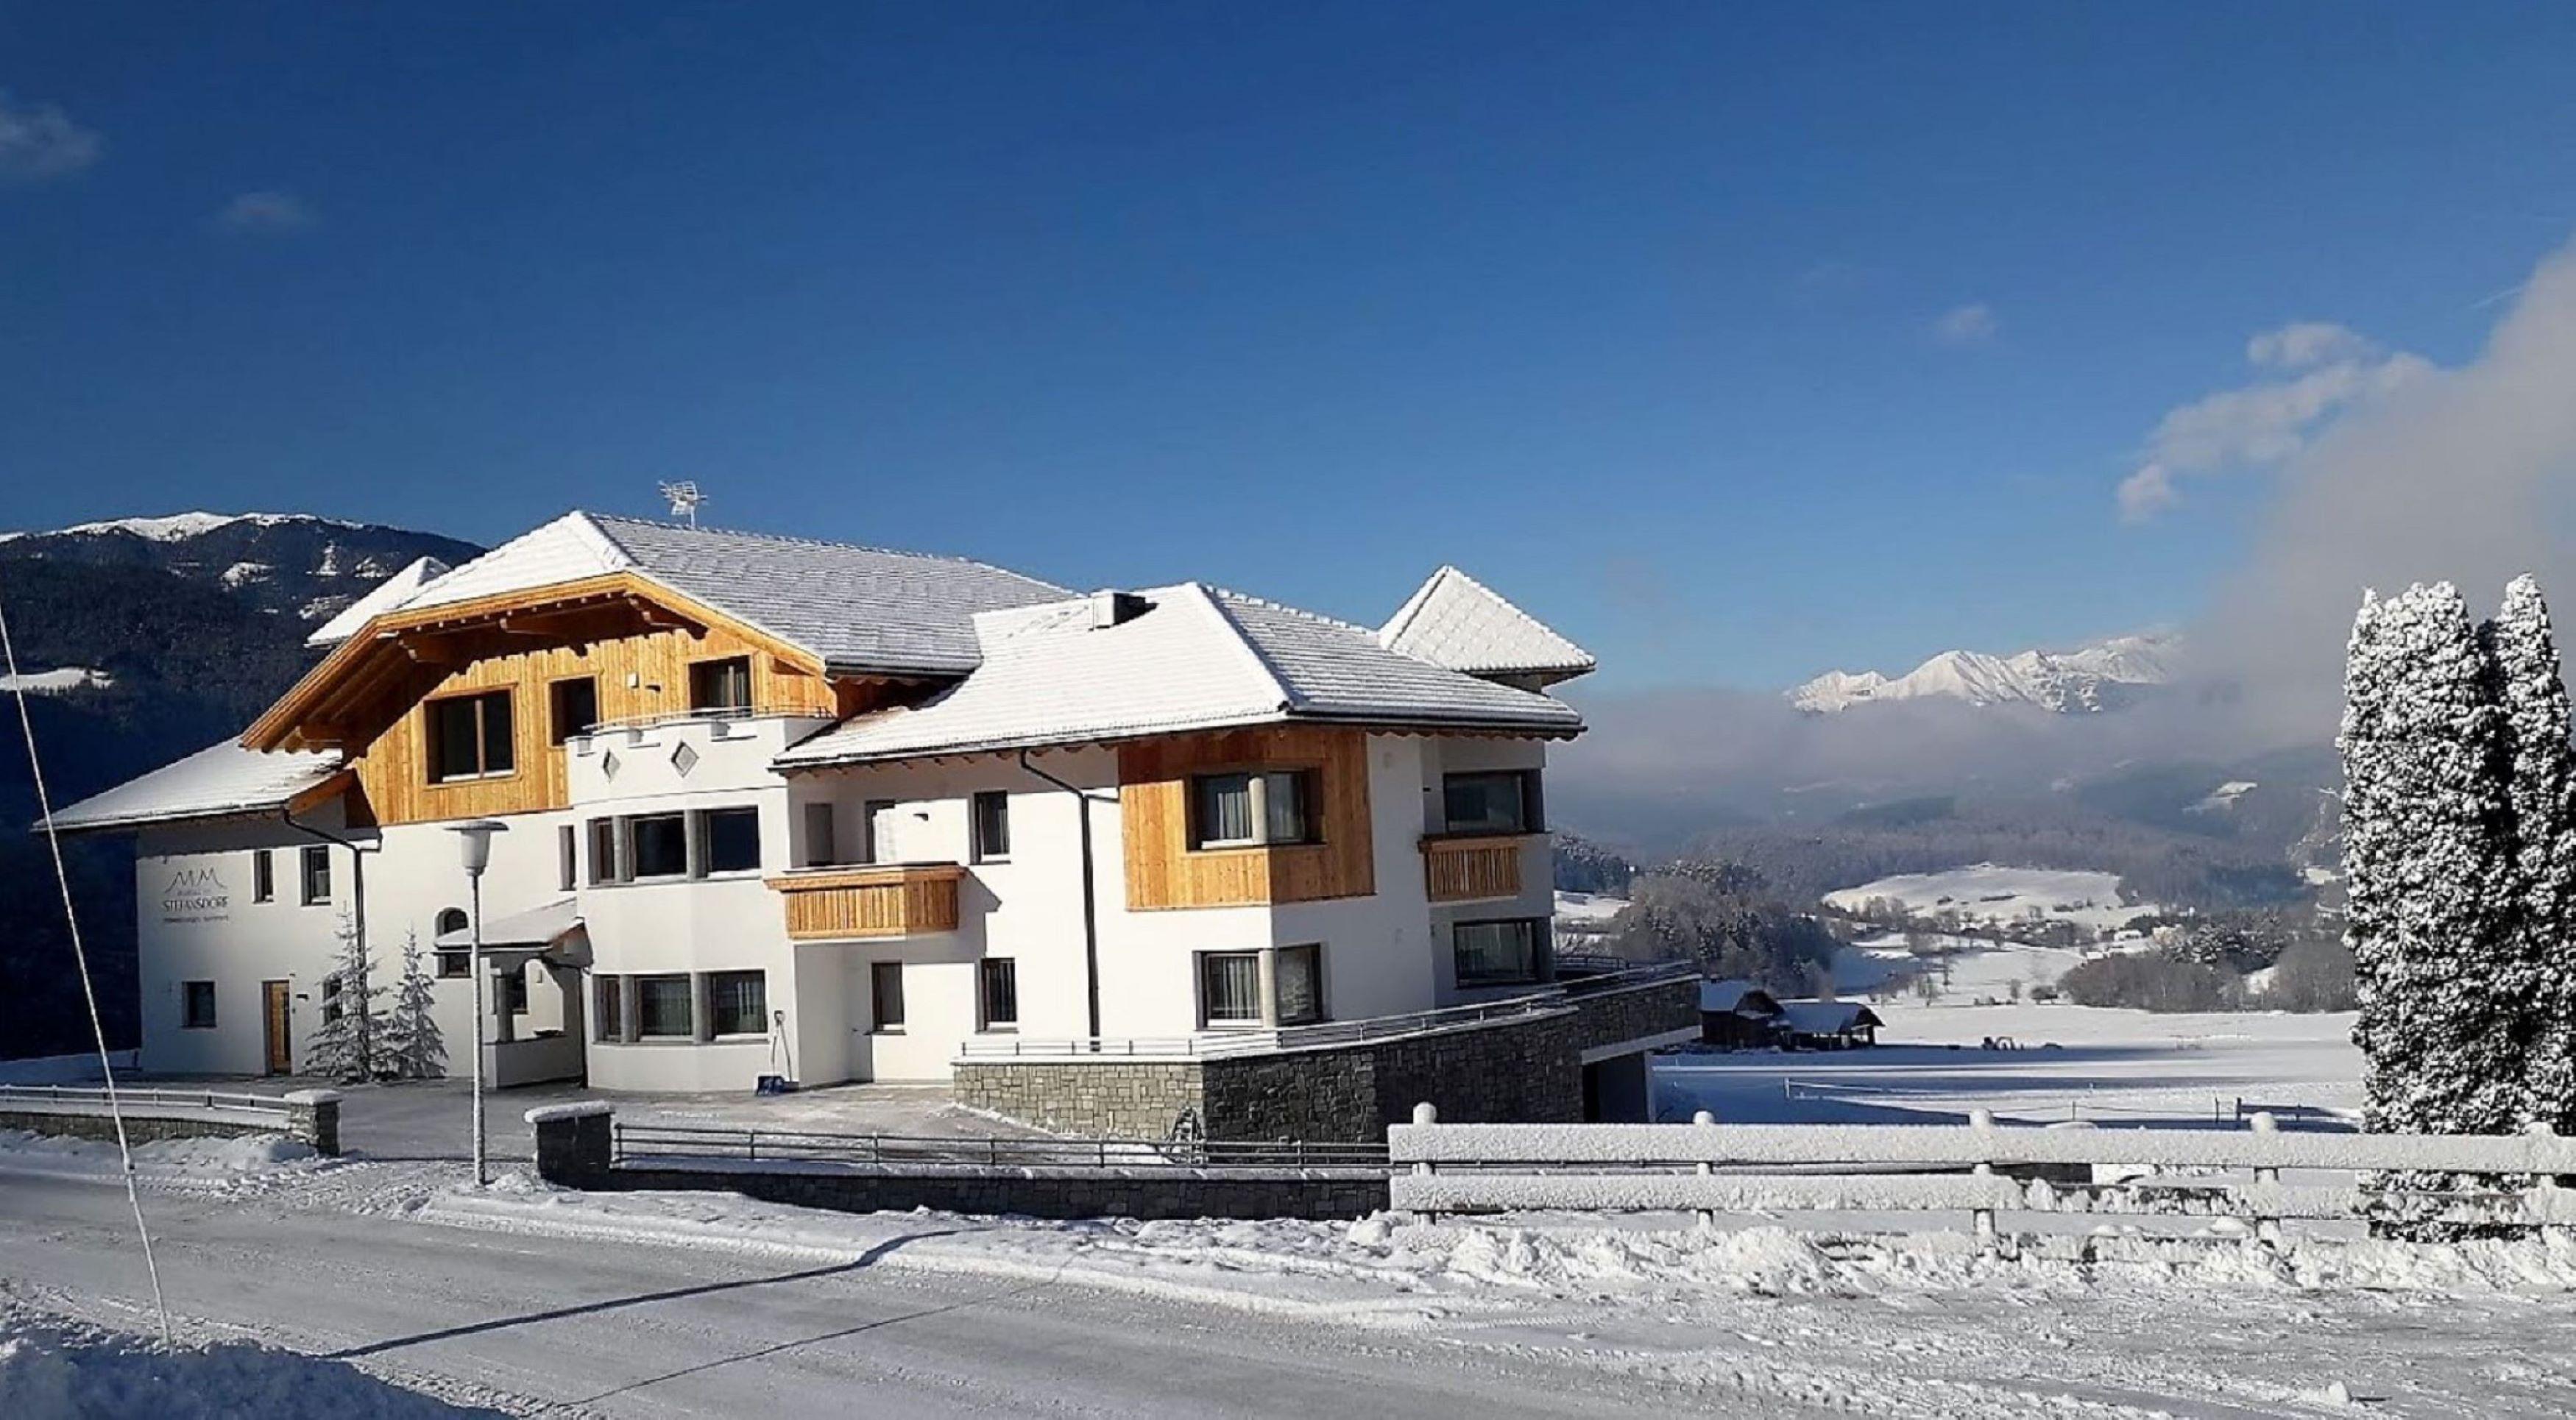 Unser Haus liegt auf 950 Höhenmetern und weit ab von Lärm und Getöse, von Massentourismus und Hektik, aber in unberührter Natur und doch nicht weit vom Hauptort des Pustertales, der Stadt Bruneck, mit unzähligen Einkaufsmöglichkeiten.